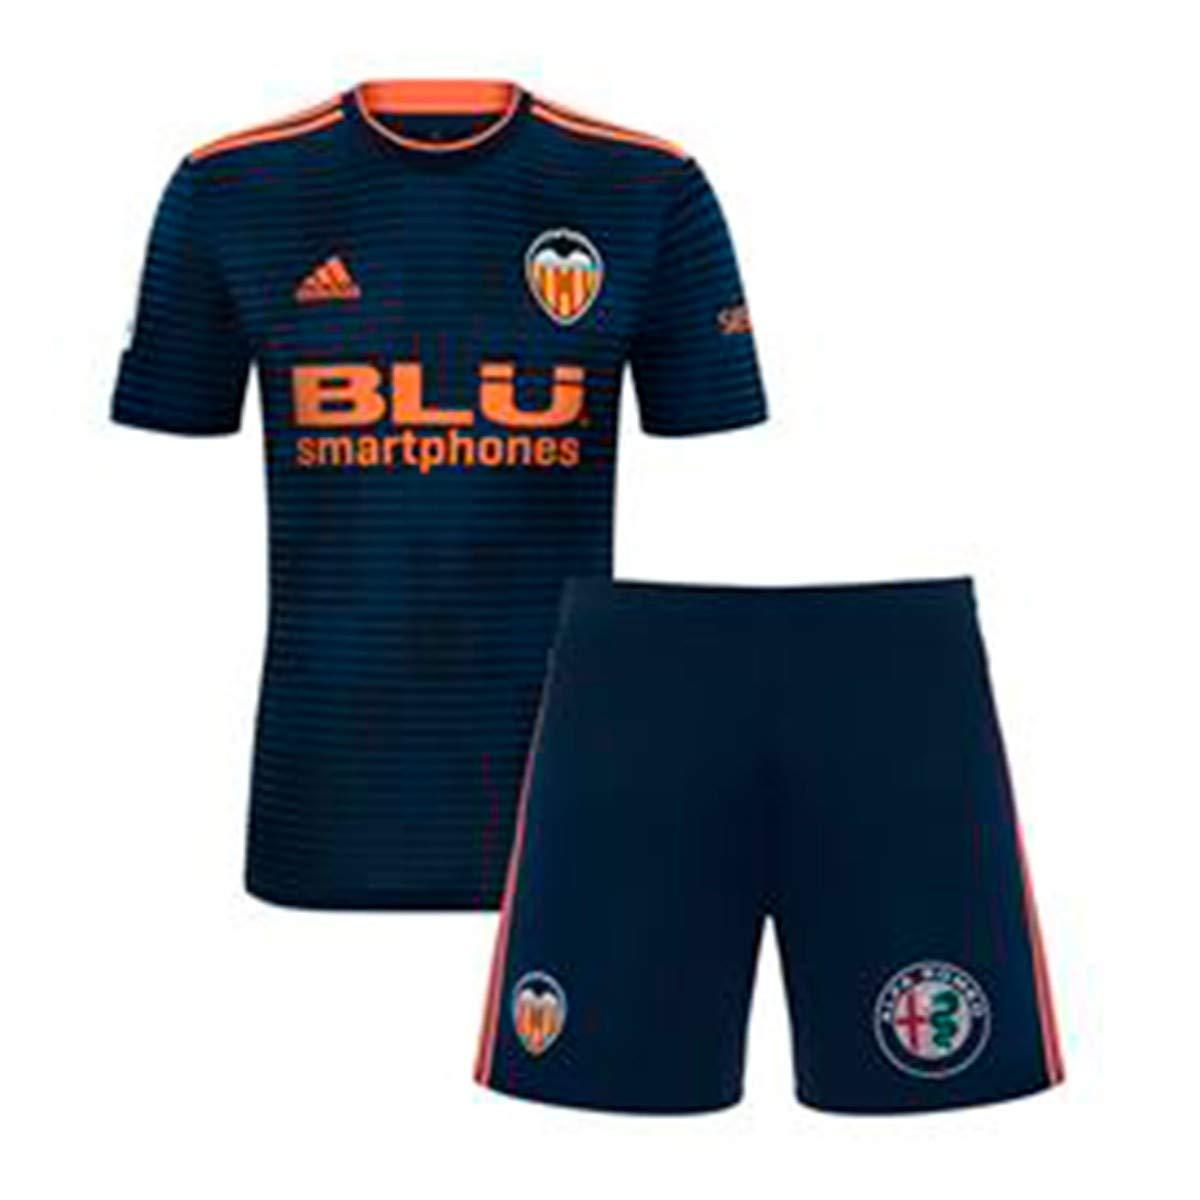 Adidas Valencia CF Segunda Equipación Niño 2018-2019, Conjunto, Collegiate Navy-Semi Solar Orange: Amazon.es: Deportes y aire libre